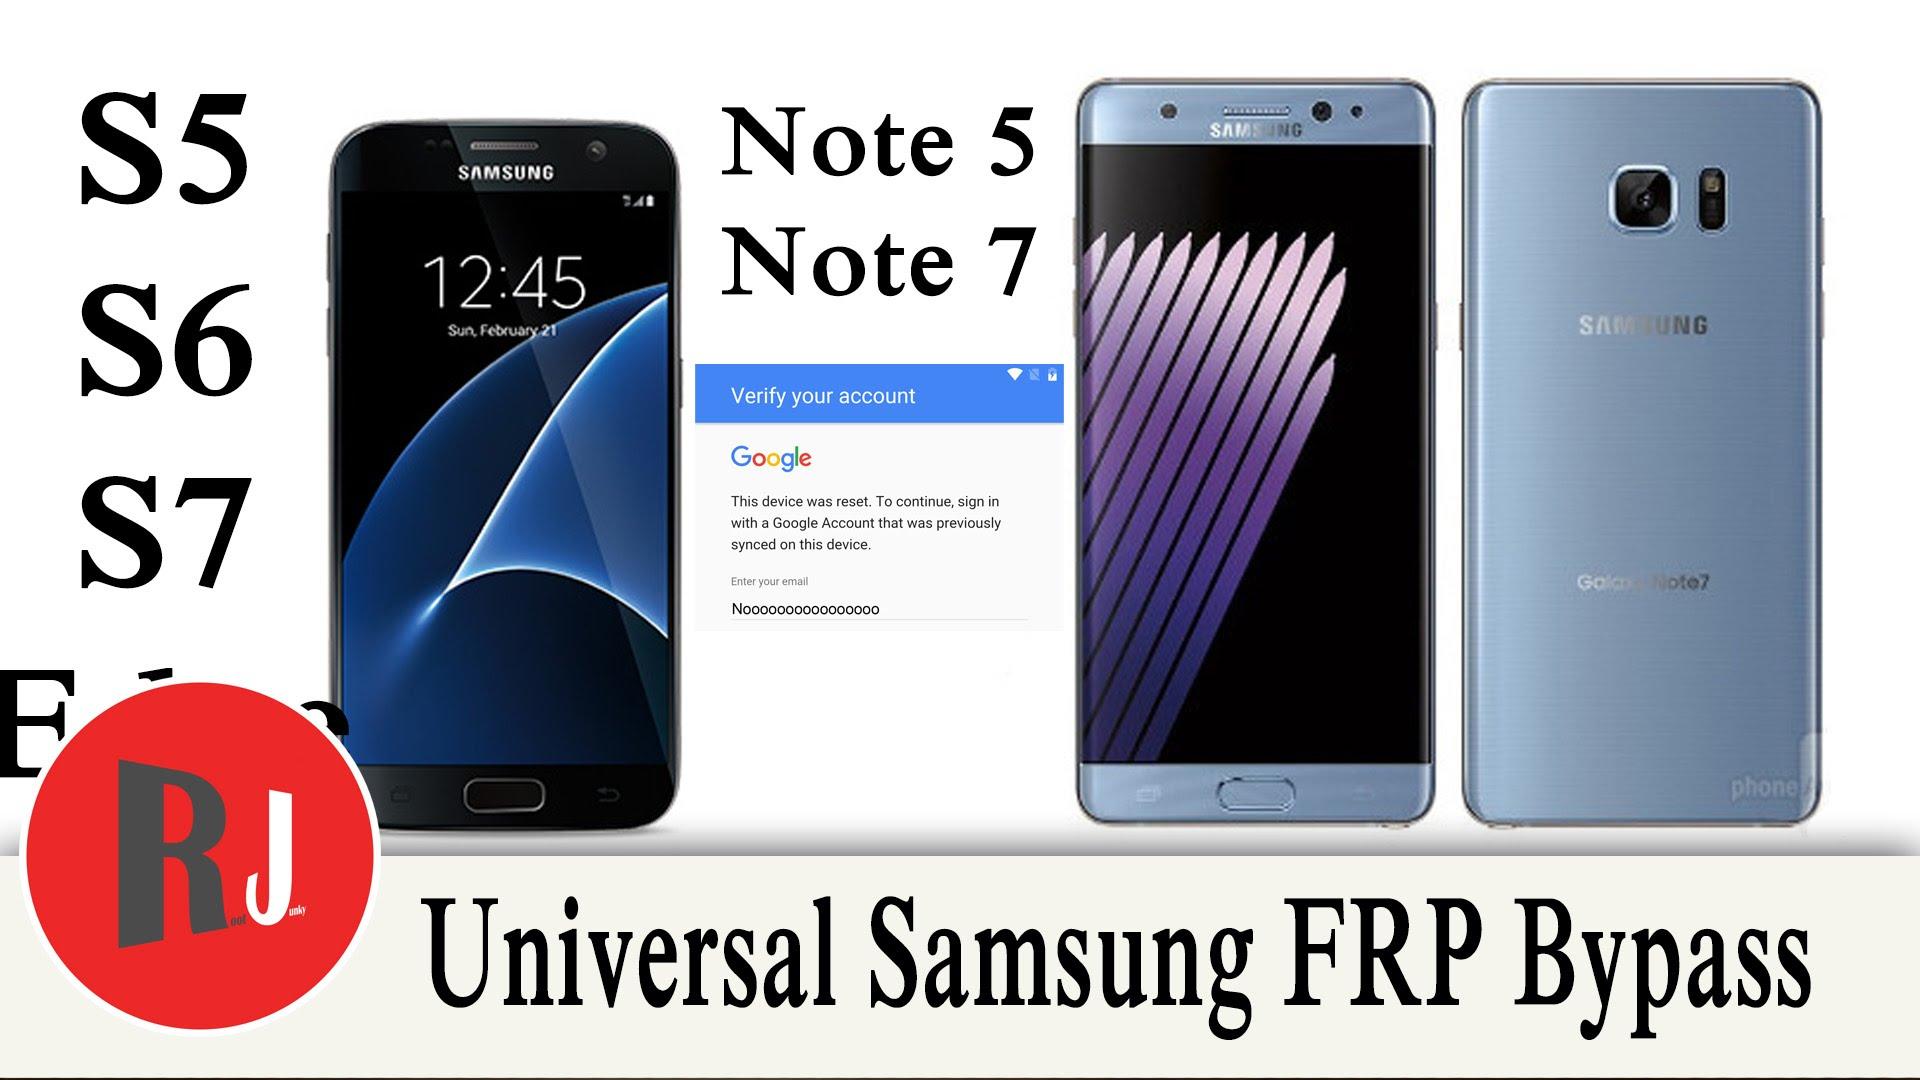 samsung frp bypass featured - Điện thoại Samsung có thể khôi phục cài đặt gốc không cần mật khẩu?